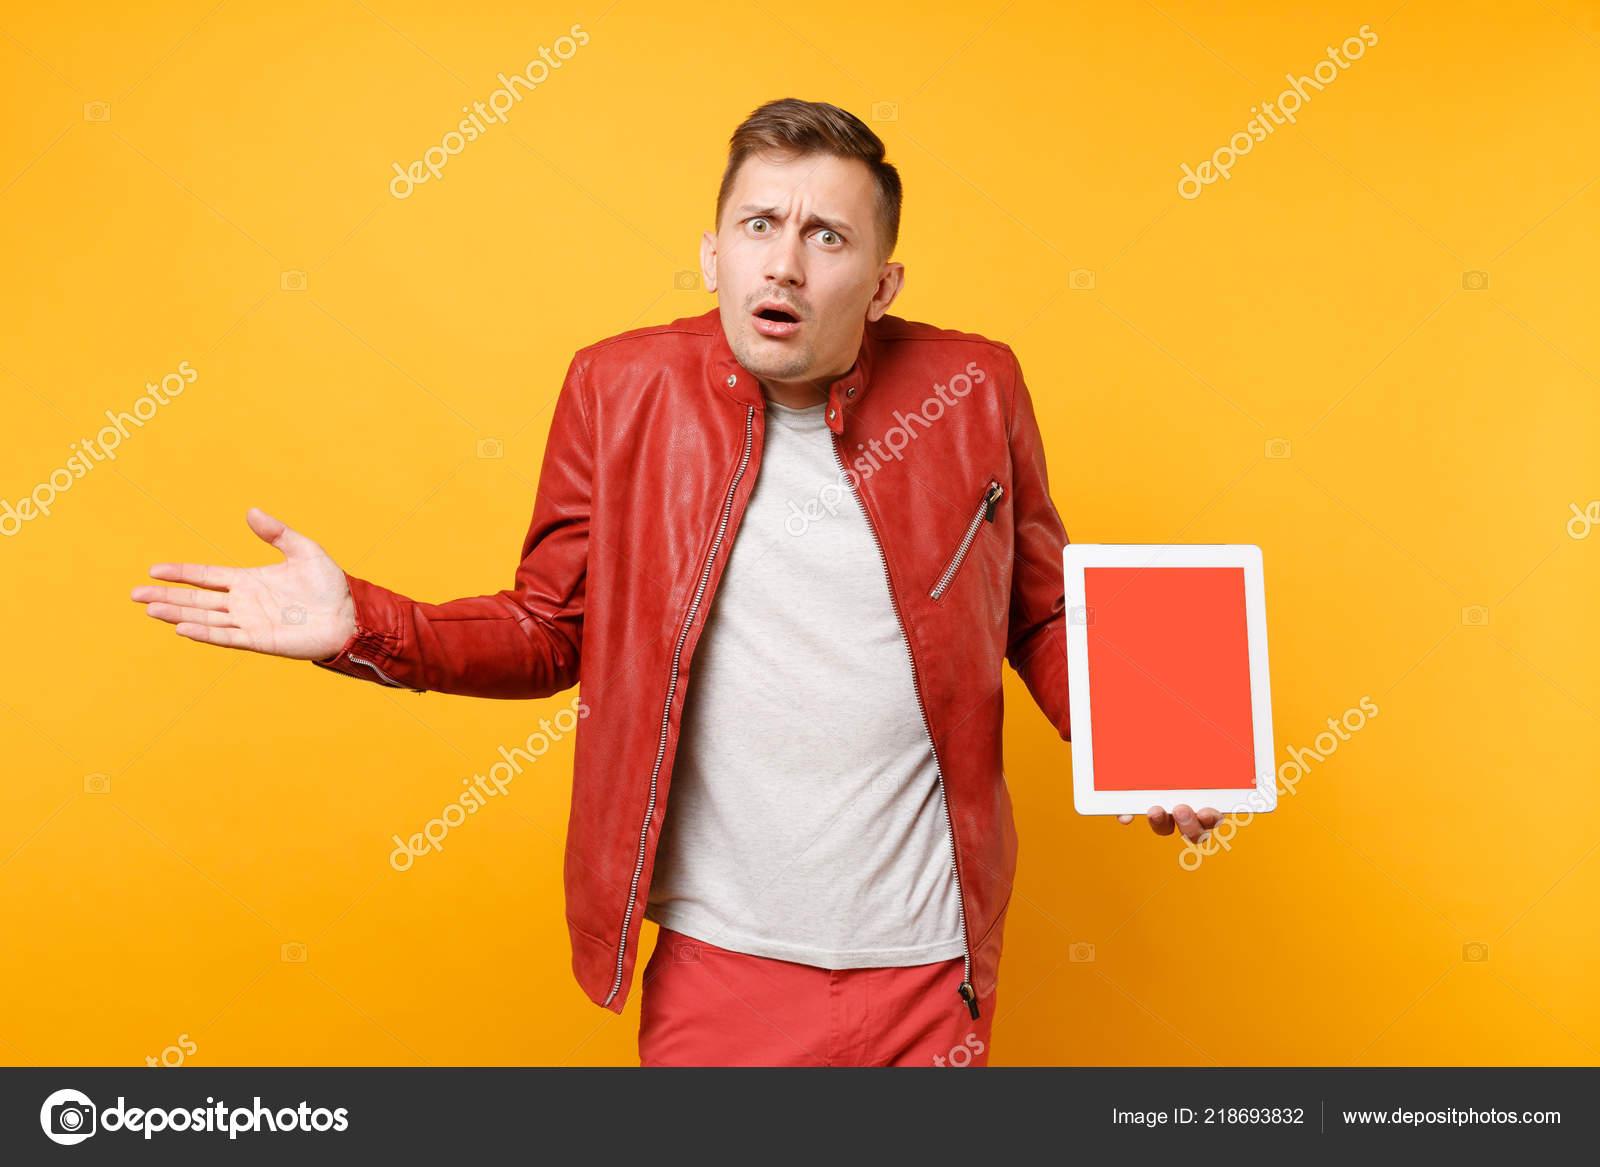 a3872205e4c61 Diversión de moda retrato joven en cuero rojo chaqueta camiseta hold tablet  pc teclado con pantalla en blanco vacía aislada sobre fondo amarillo  brillante.